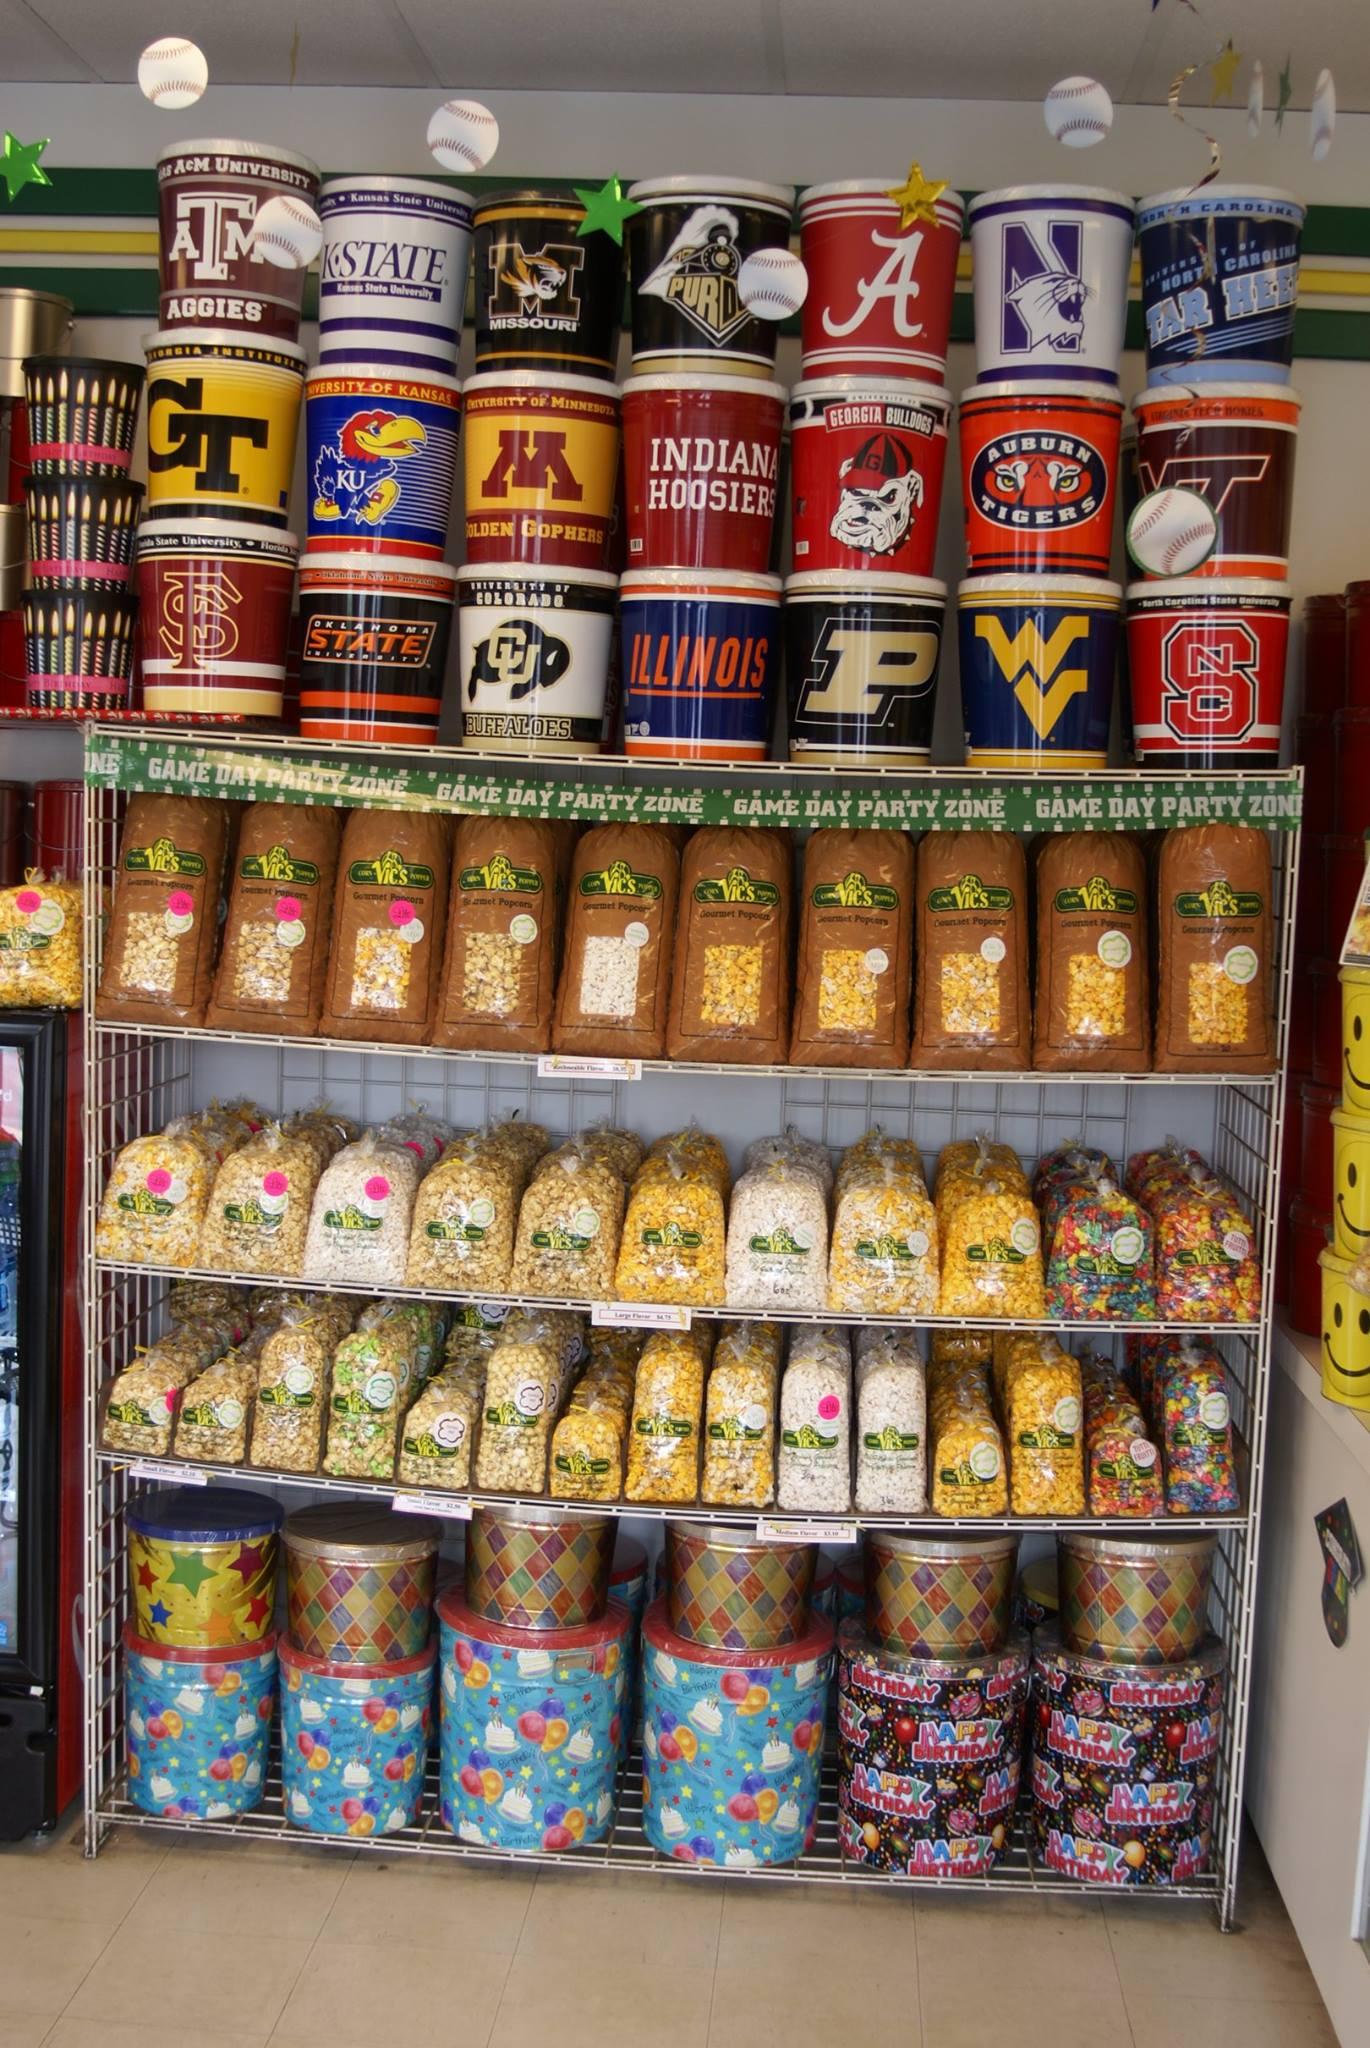 vics-popcorn-shelves.jpg